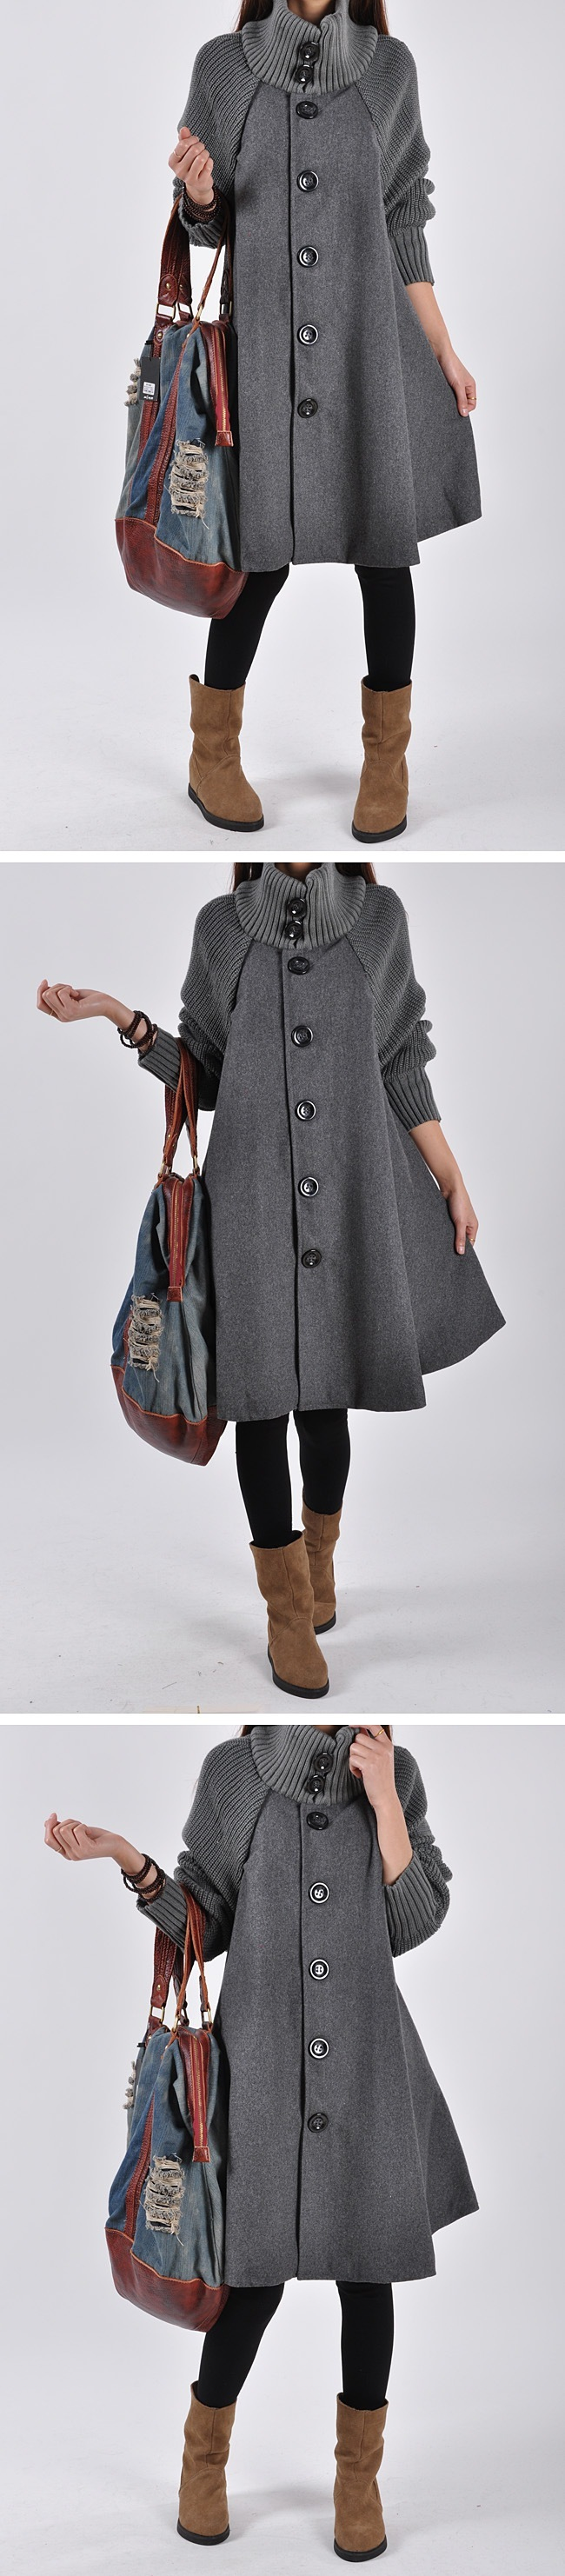 Autumn Winter Coat Women 2019 Casual Vintage Patchwork Cloak Plus Size Coats Female Elegant Warm Black Long Coat casaco feminino 67